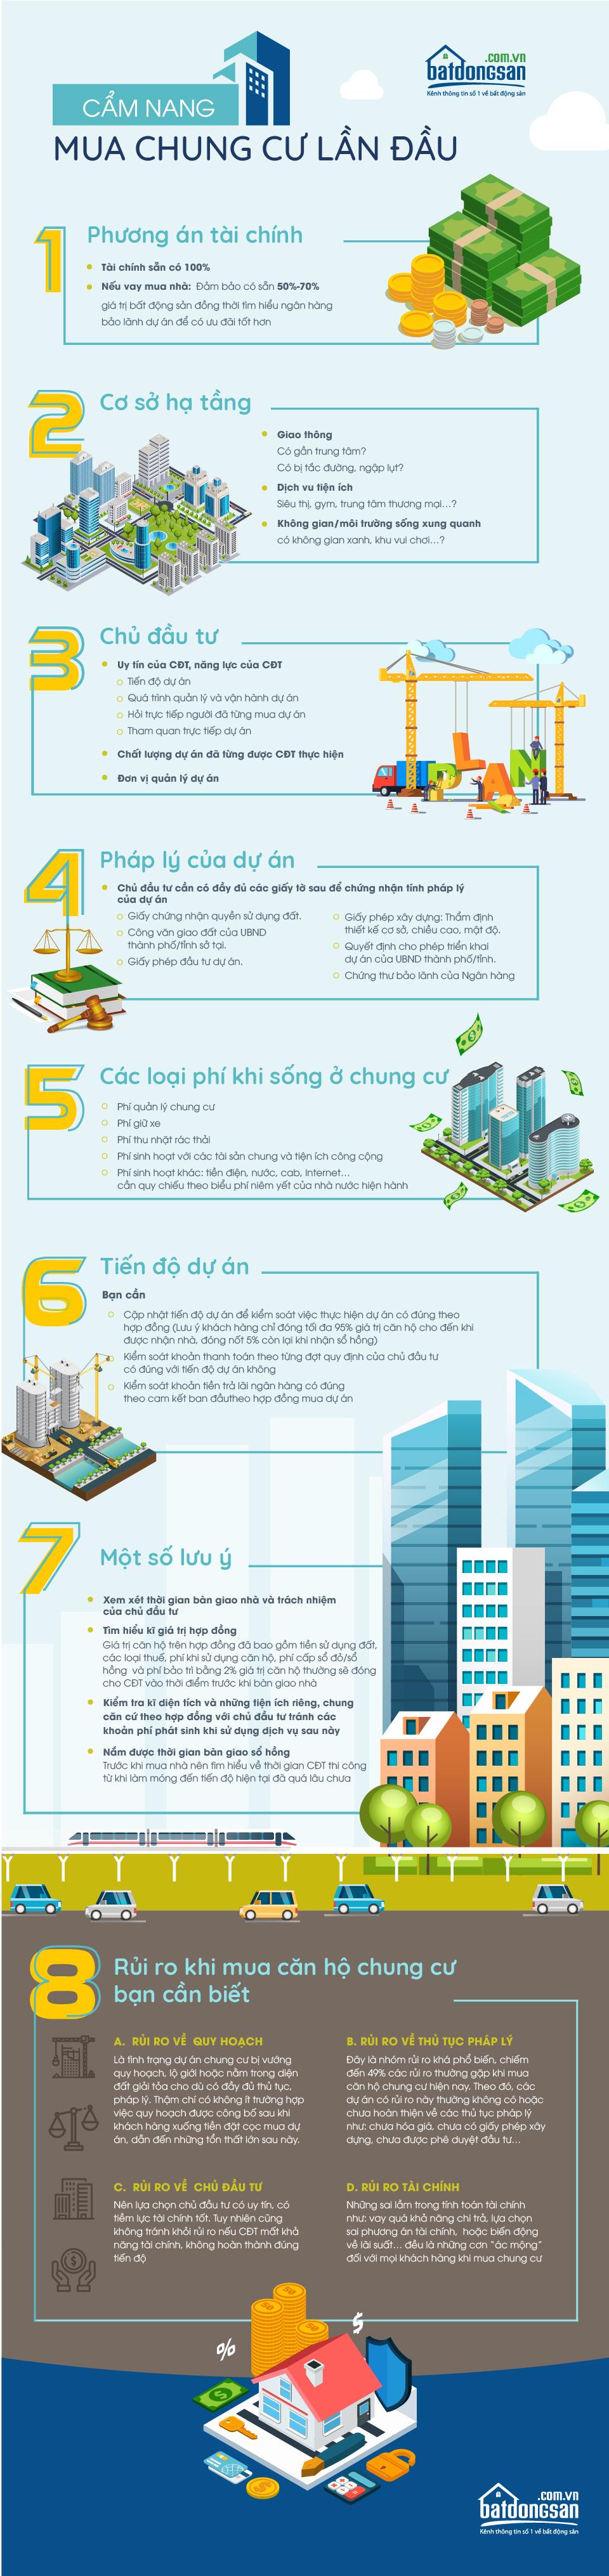 Infographic có nền màu xanh nhạt, chữ màu trắng và xanh đậm kết hợp các icons tiền, cọc xu, các con số và nhà cửa, bất động sản,